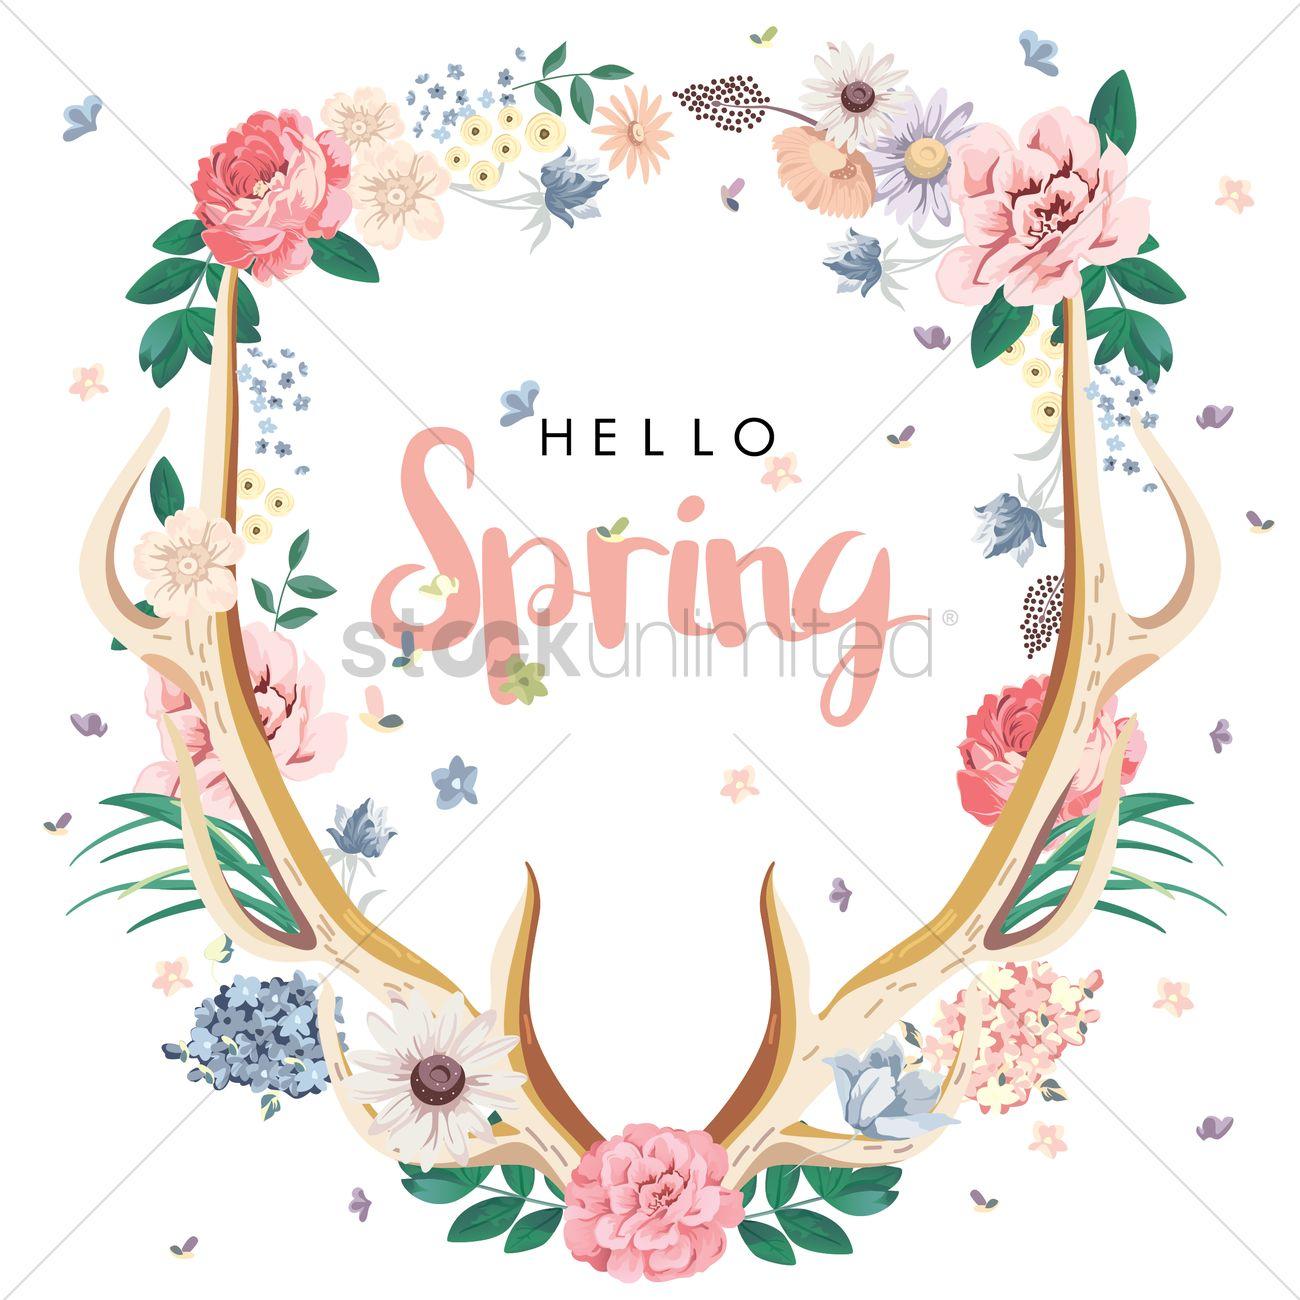 Merveilleux Hello Spring Card Design Vector Graphic